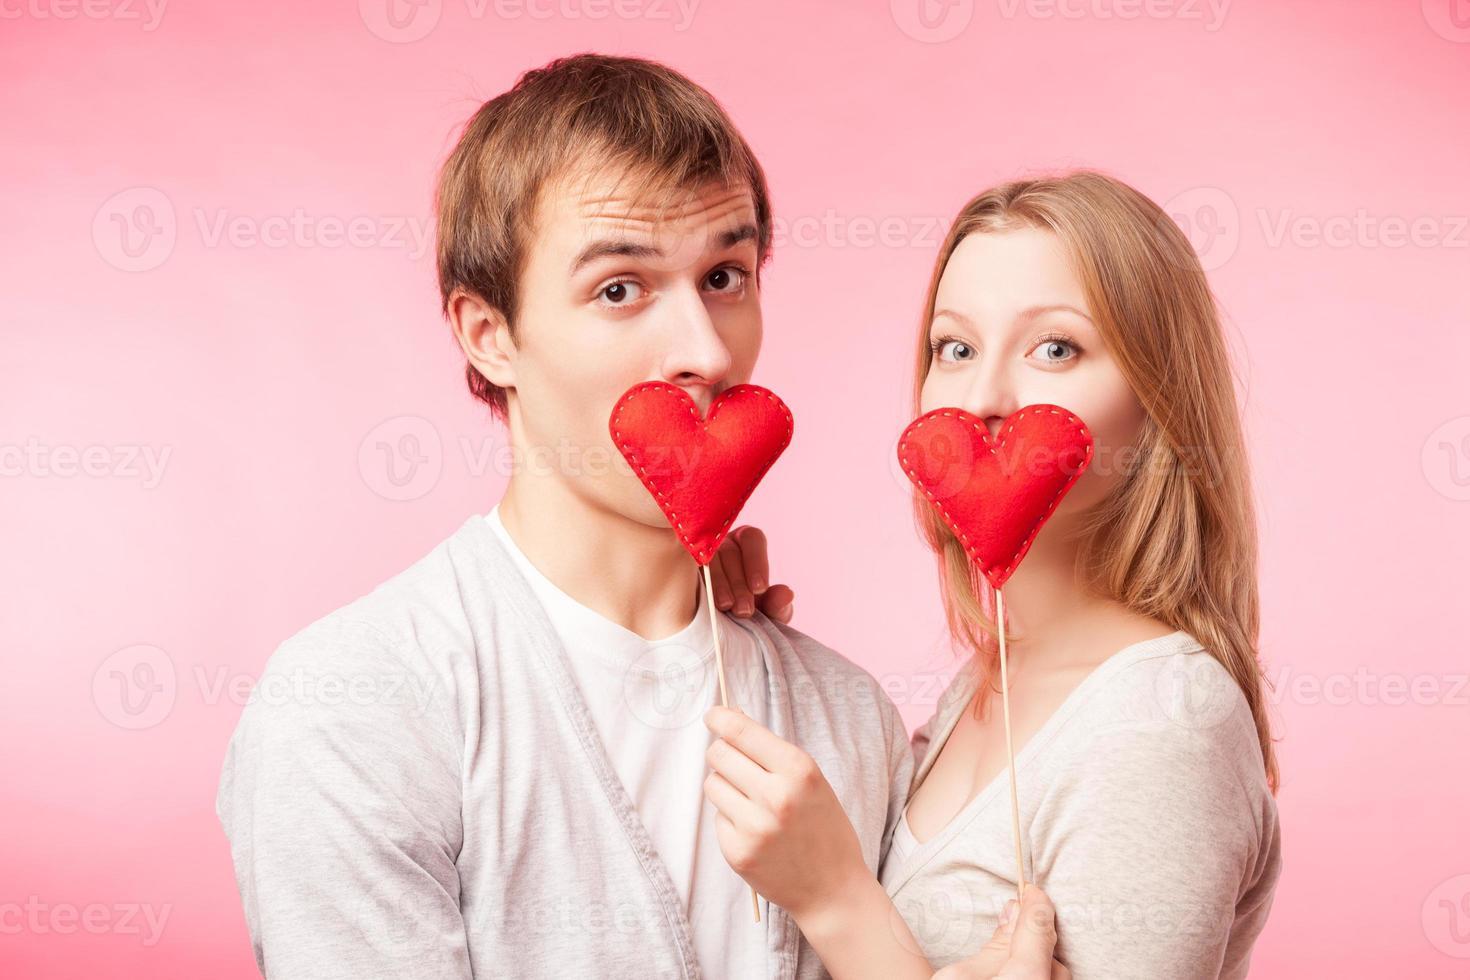 casal, escondendo os lábios atrás de pequenos corações vermelhos foto